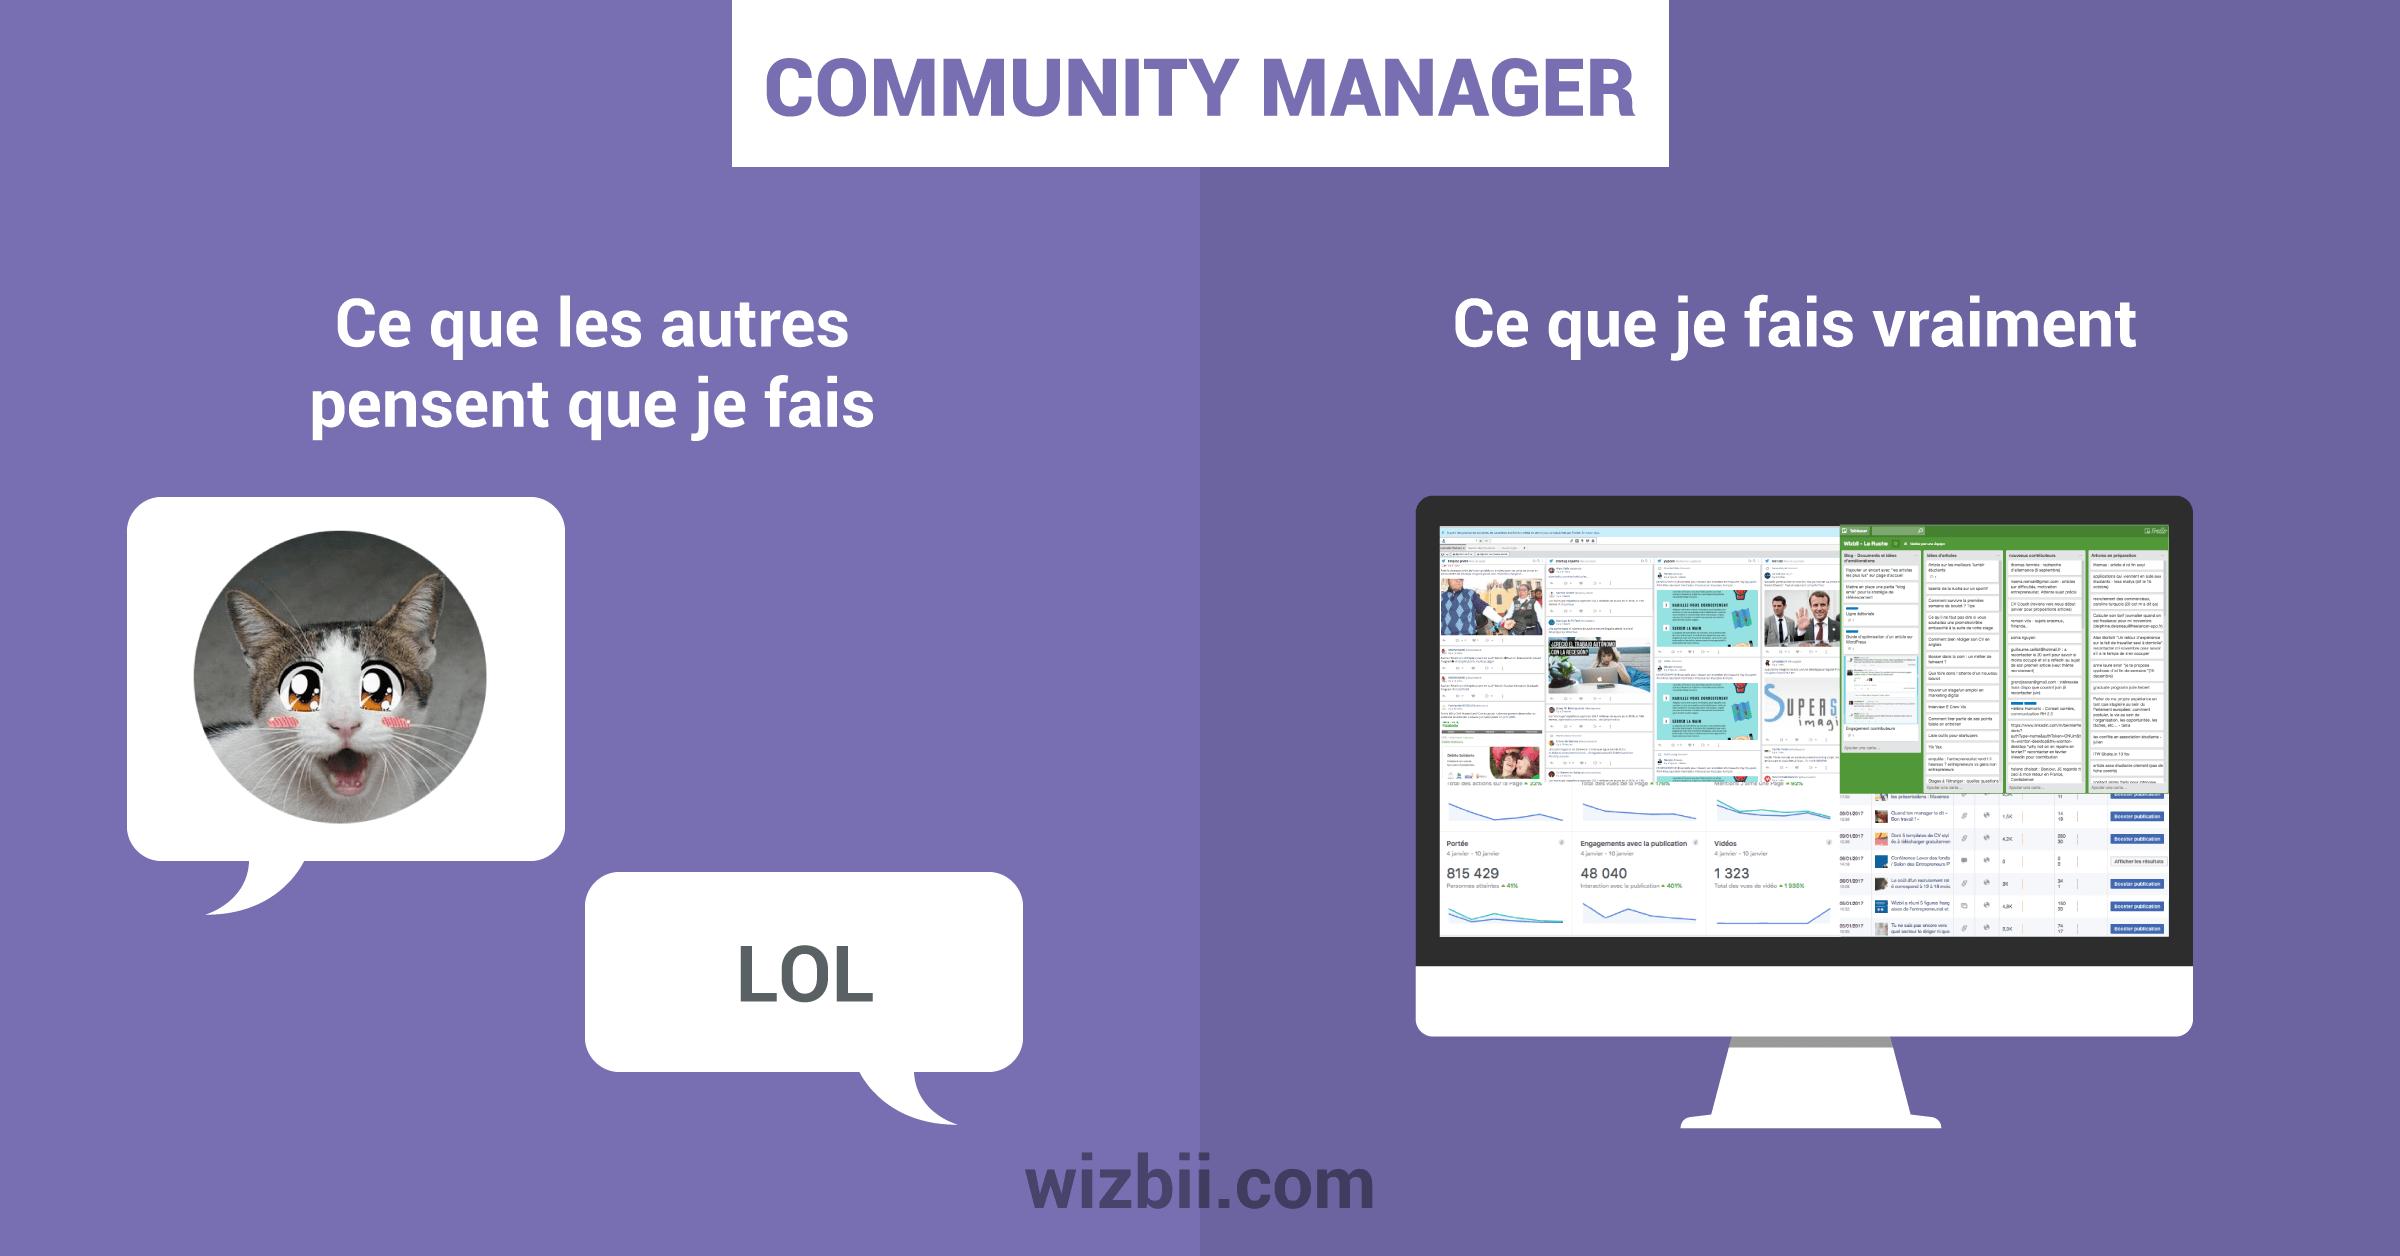 le job de community manager, ce que les autres pensent que je fais VS ce que je fais vraiment